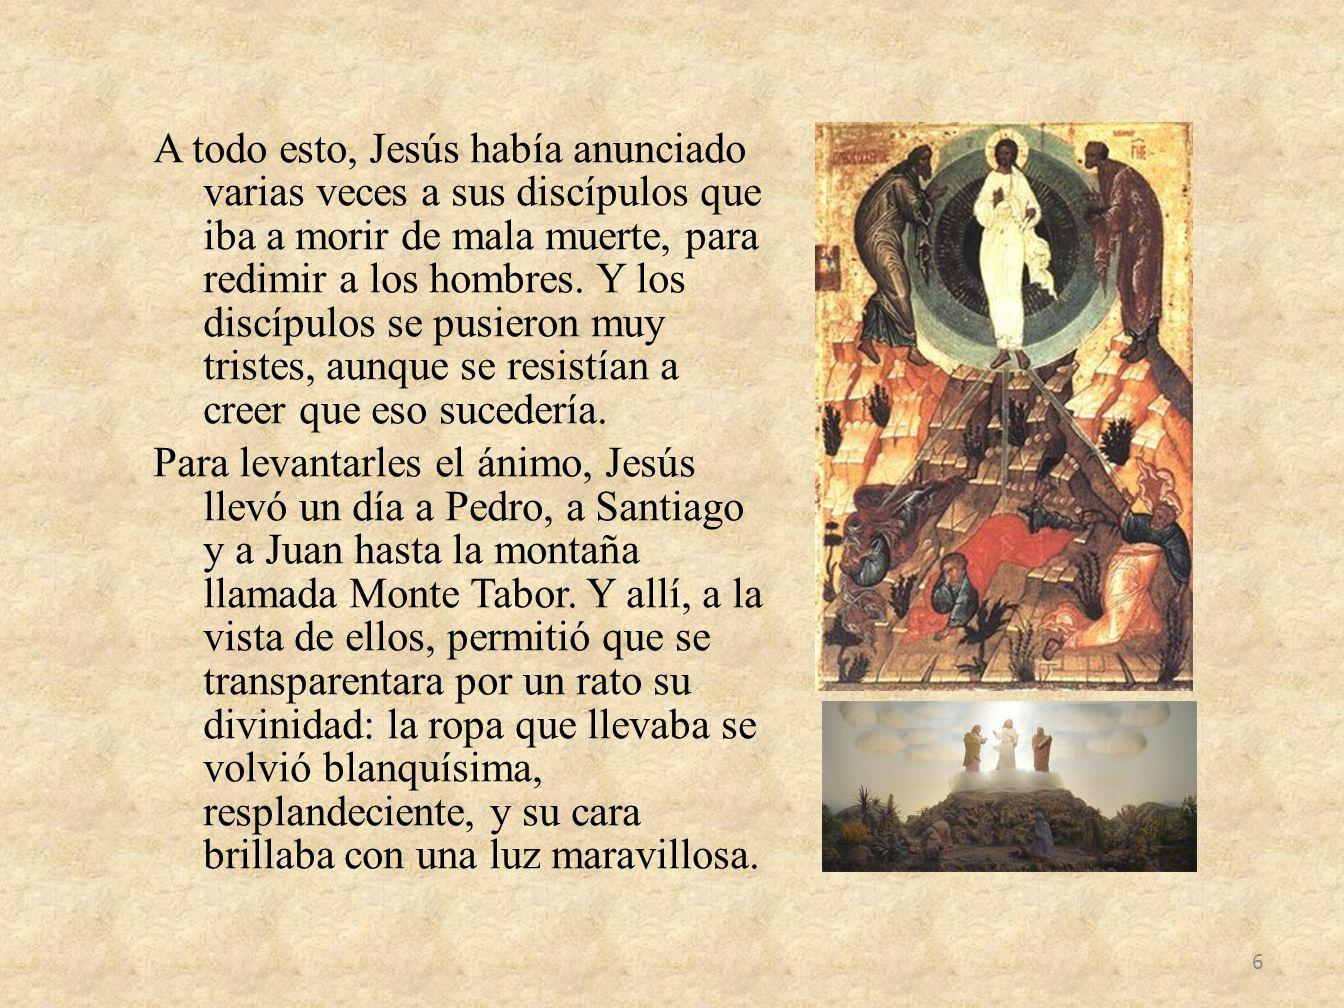 A todo esto, Jesús había anunciado varias veces a sus discípulos que iba a morir de mala muerte, para redimir a los hombres.